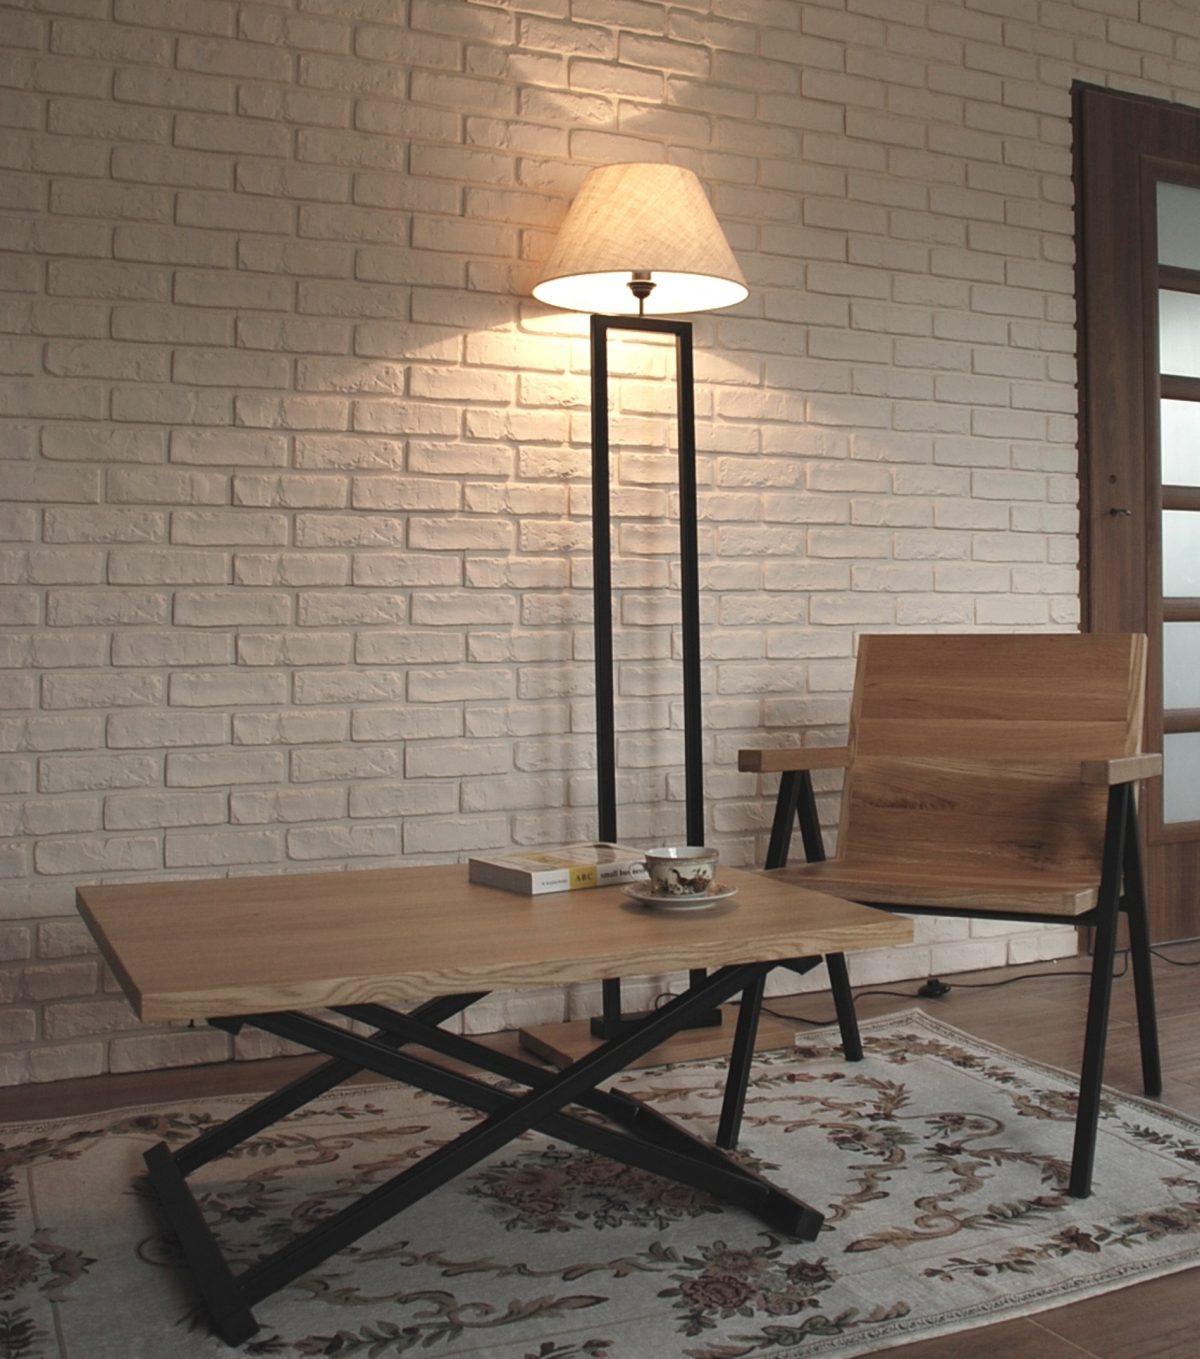 R Meble, Zaprojektowani – Krakowskie Spotkania z Dizajnem (źródło: materiały prasowe organizatora)